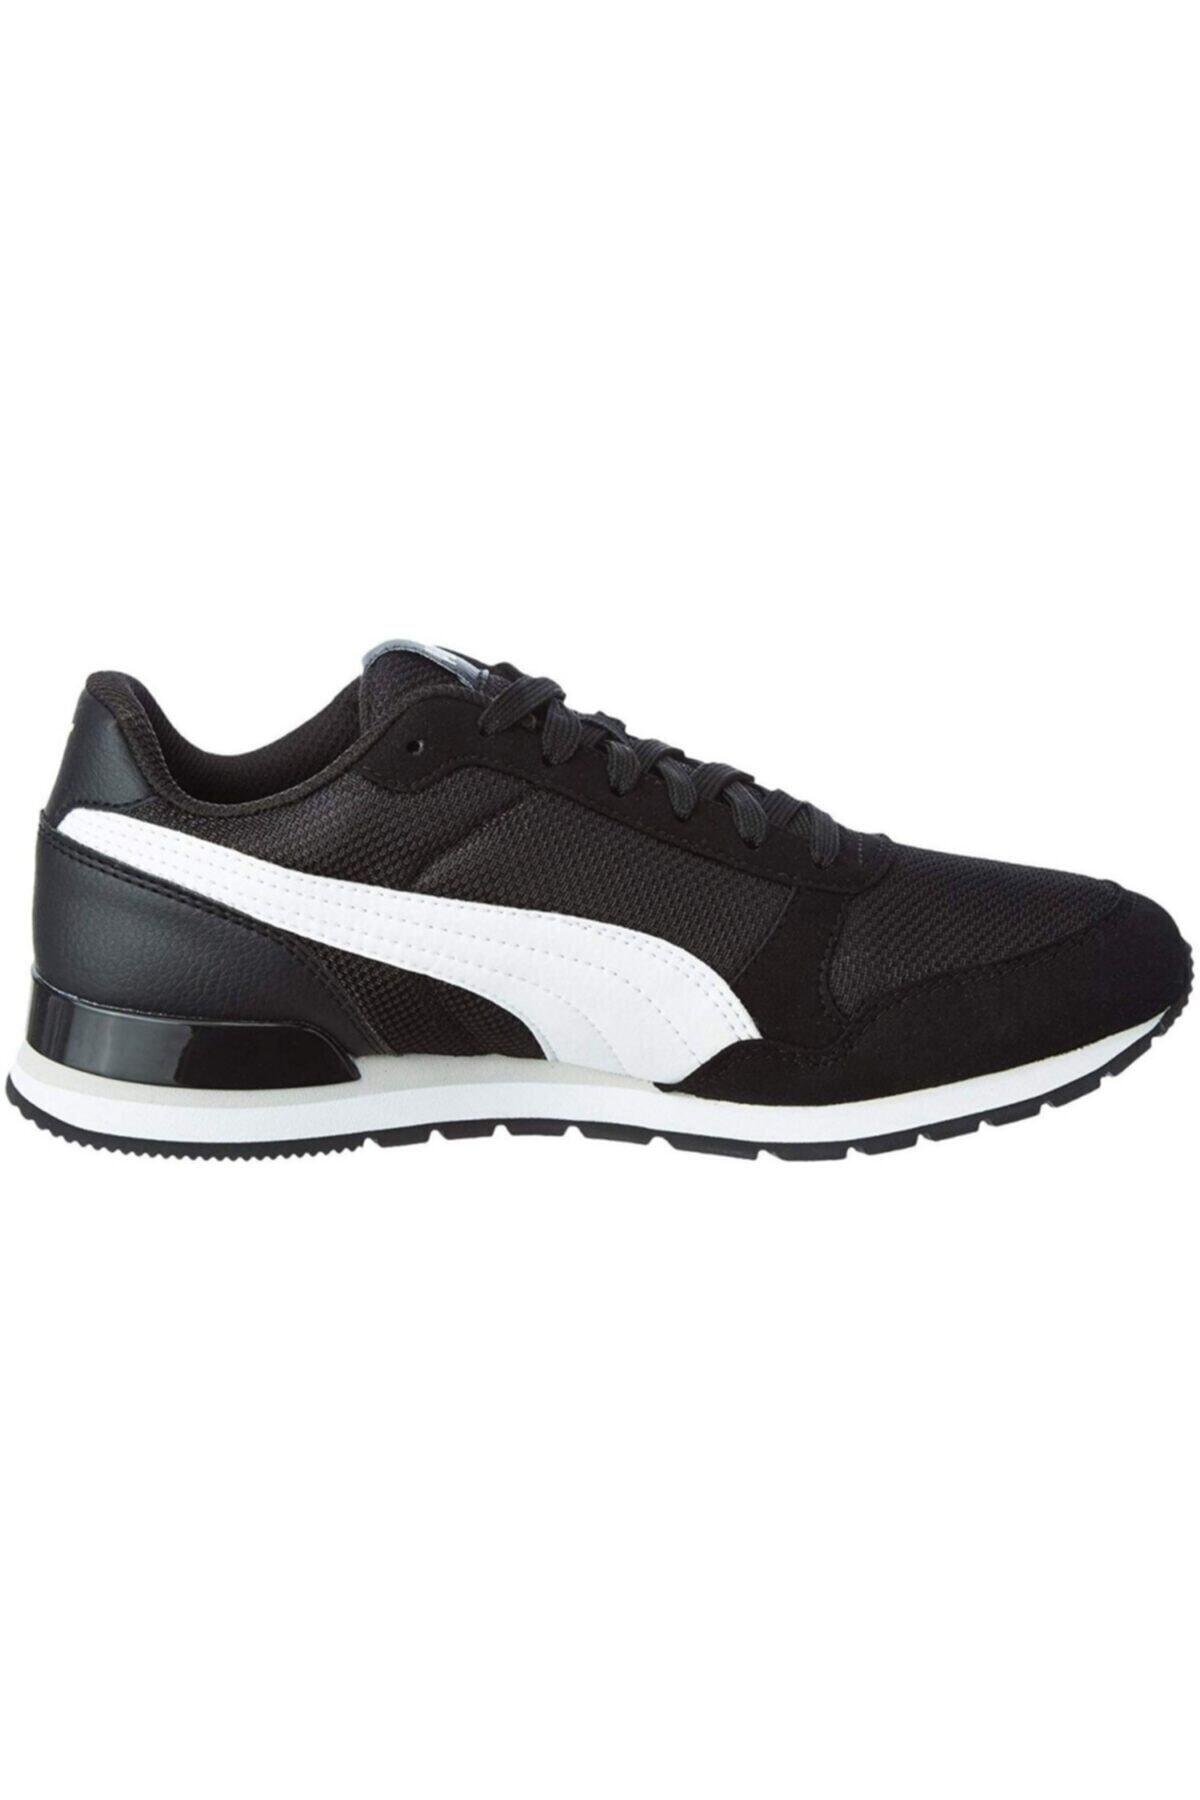 Puma St Runner V2 Mesh Jr 36713506 Spor Ayakkabı 1